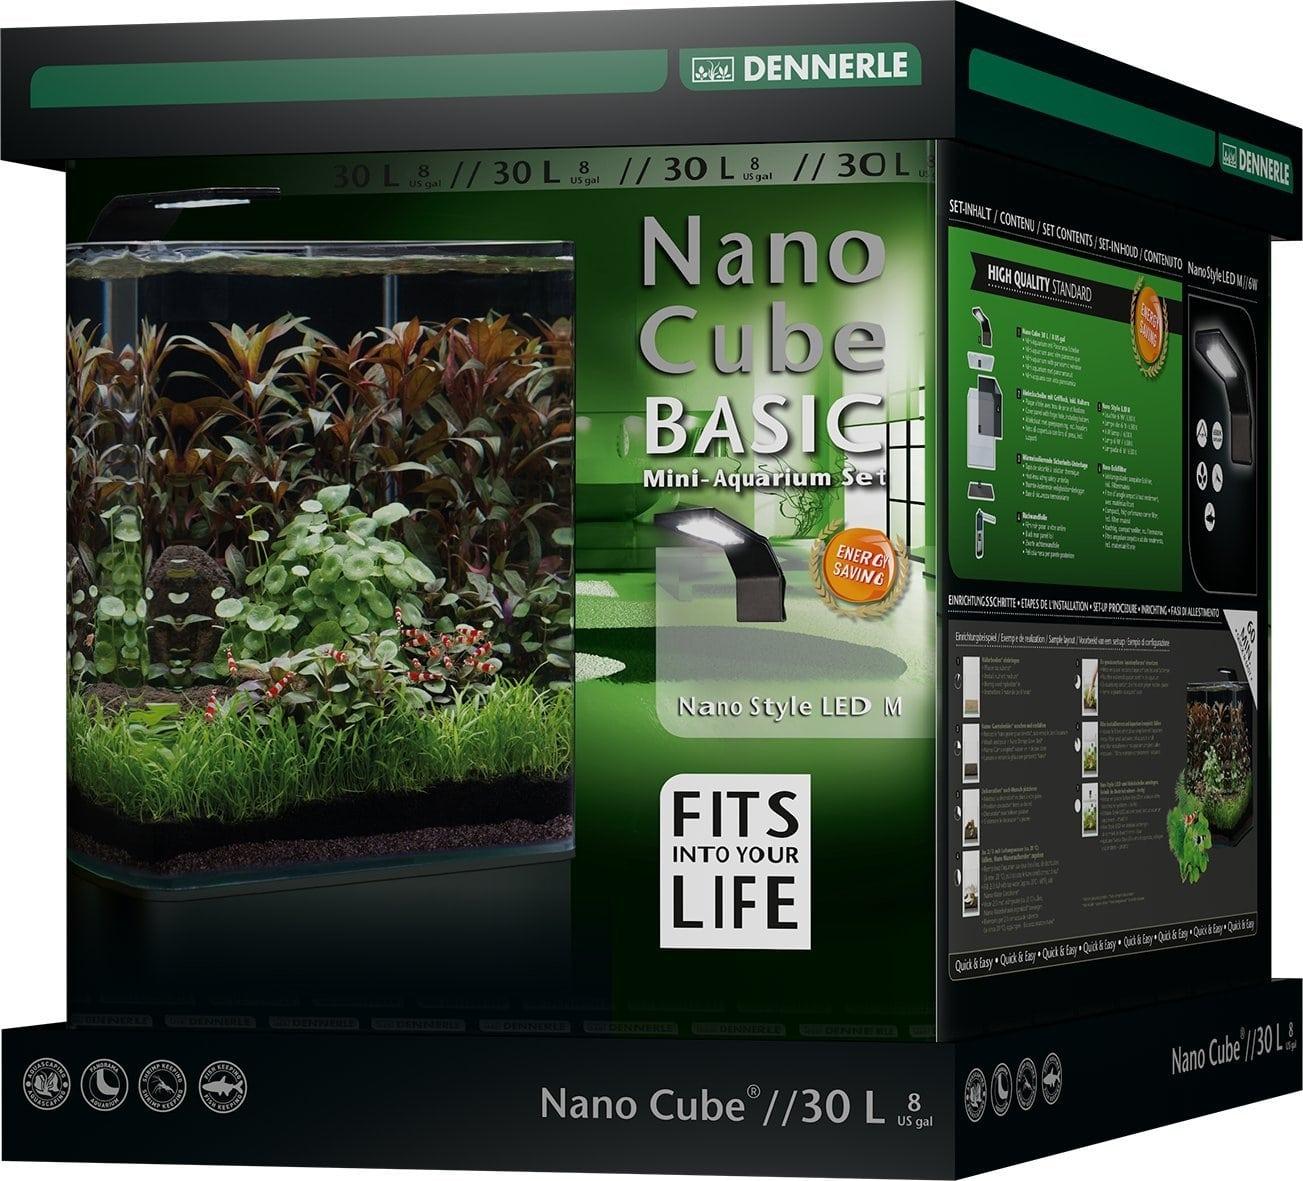 DENNERLE Nano Cube Basic 30 L nano-aquarium 30 x 30 x 35 cm avec filtration et éclairage Style LED M